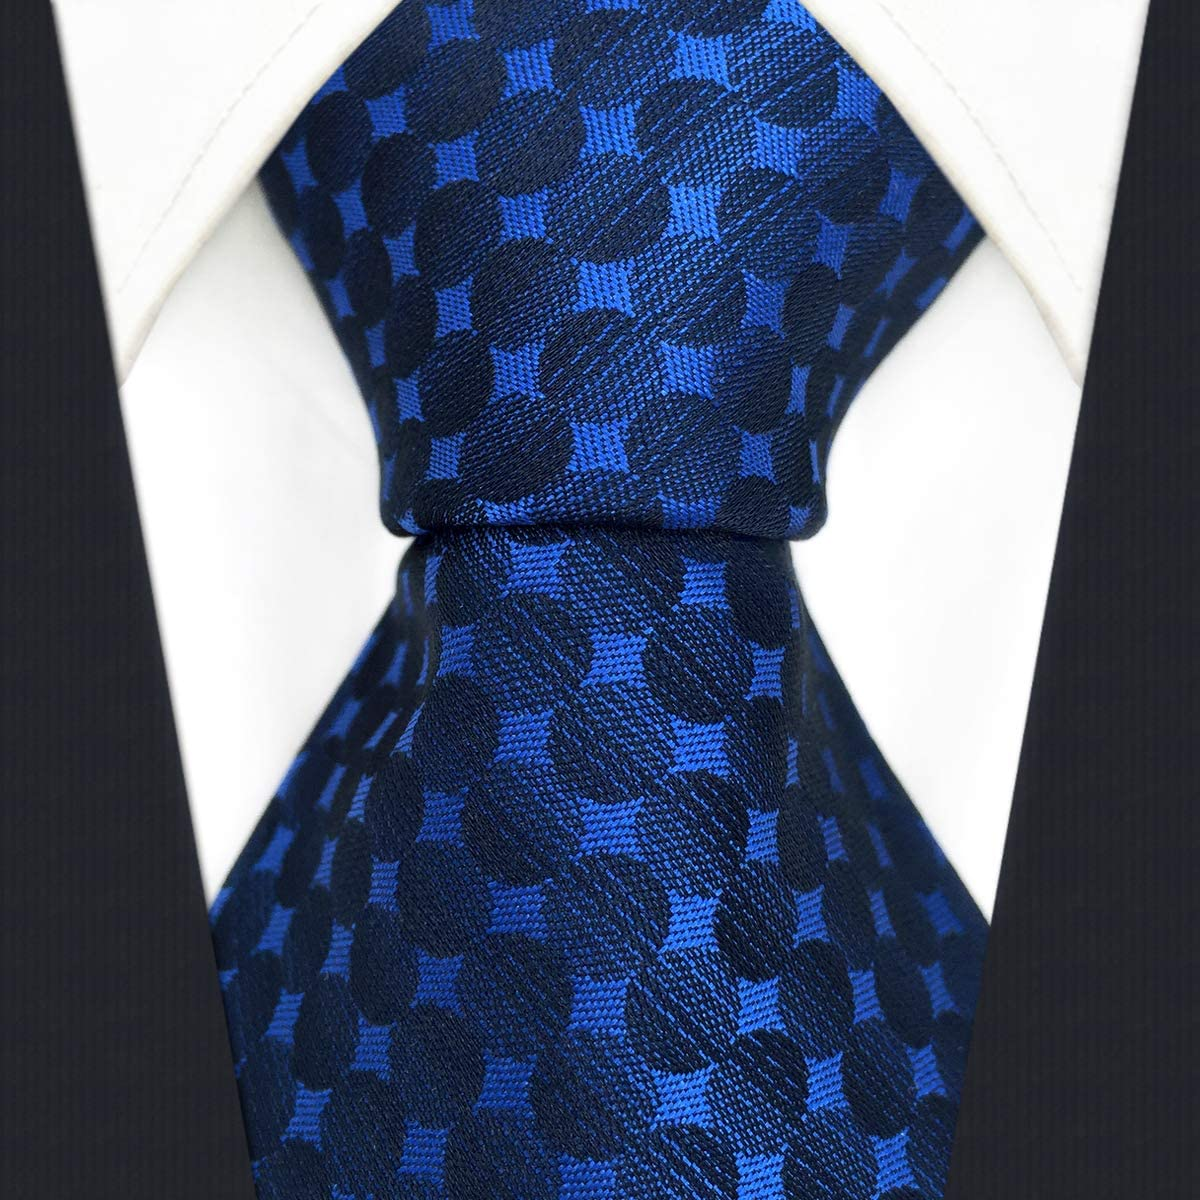 Cravate 147cm/×8cm S/&W SHLAX/&WING Cravate Homme Sets Extra Long for Suit Soie Carr/é de Poche,Bleu Carr/é de Poche,Cravate 147cm/×8cm